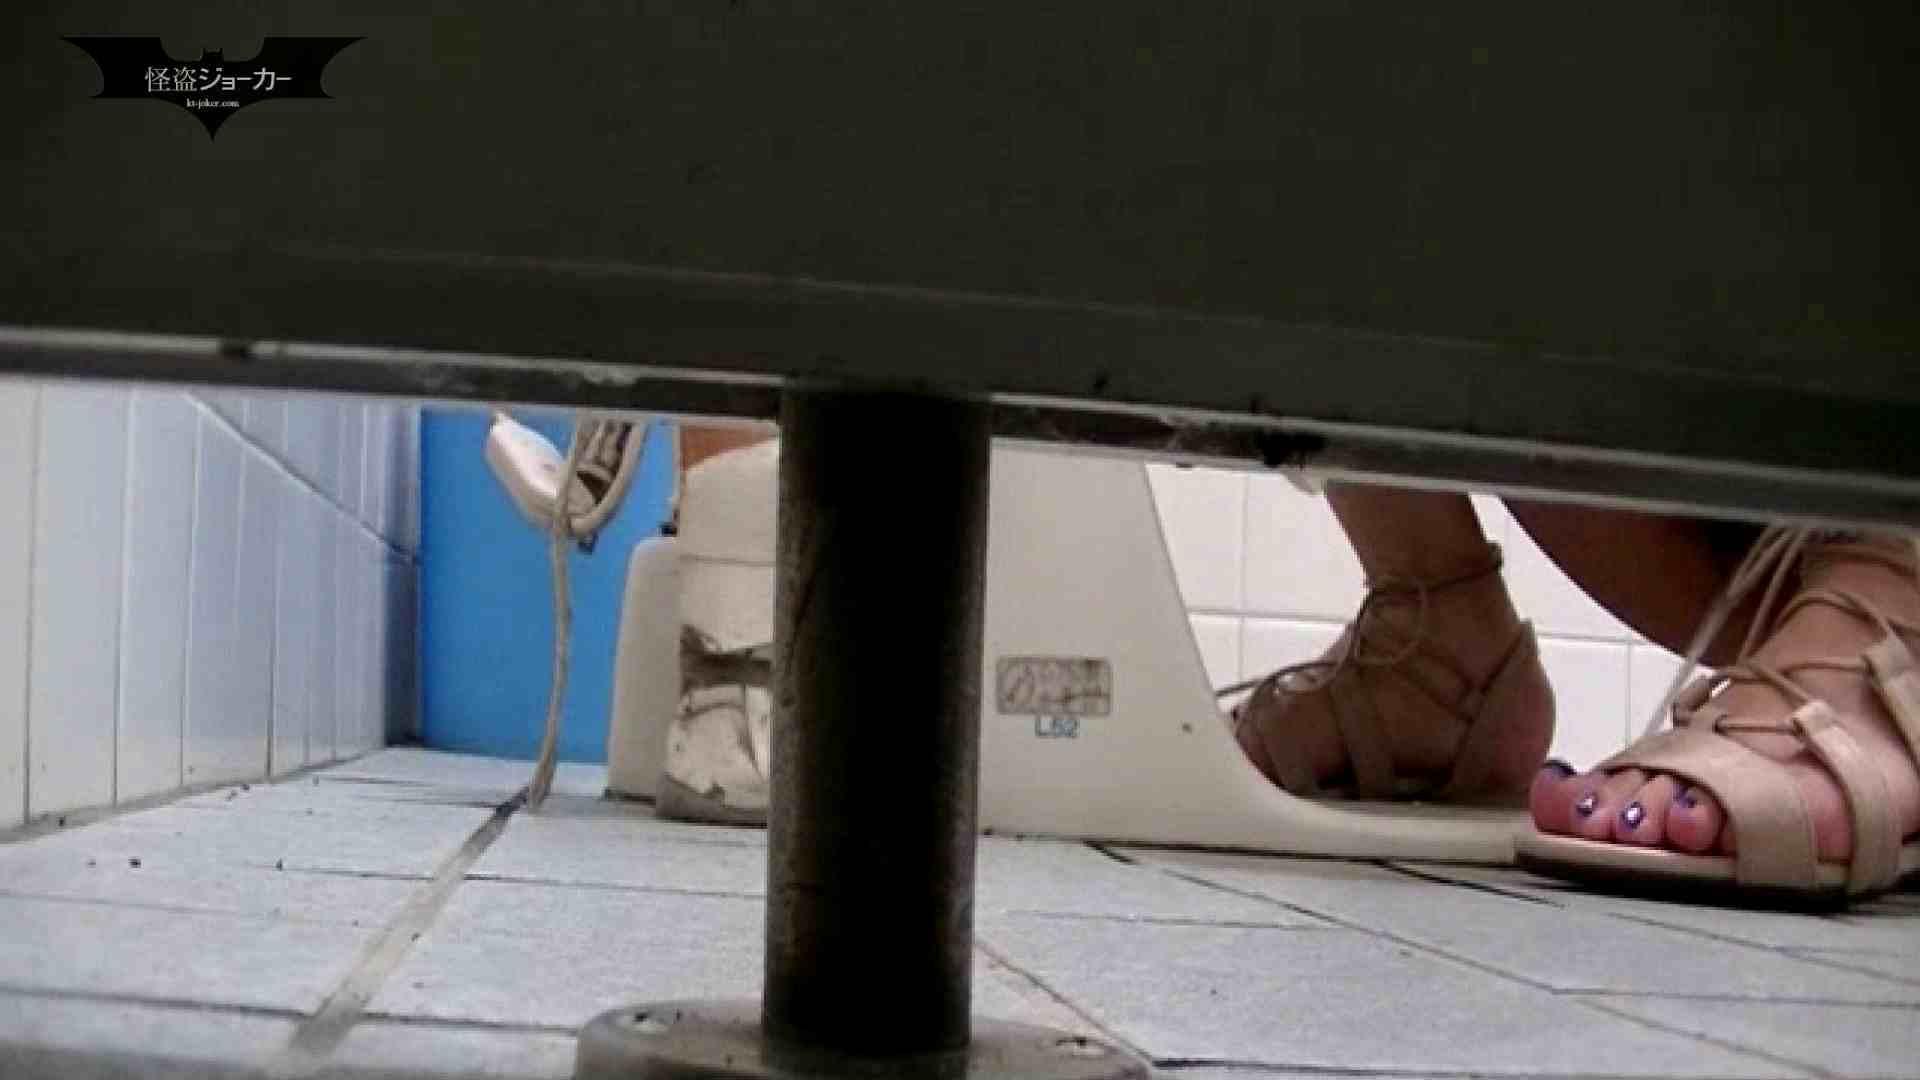 夏の思い出浜辺トイレ盗撮Vol.12 盗撮 オマンコ無修正動画無料 93枚 83